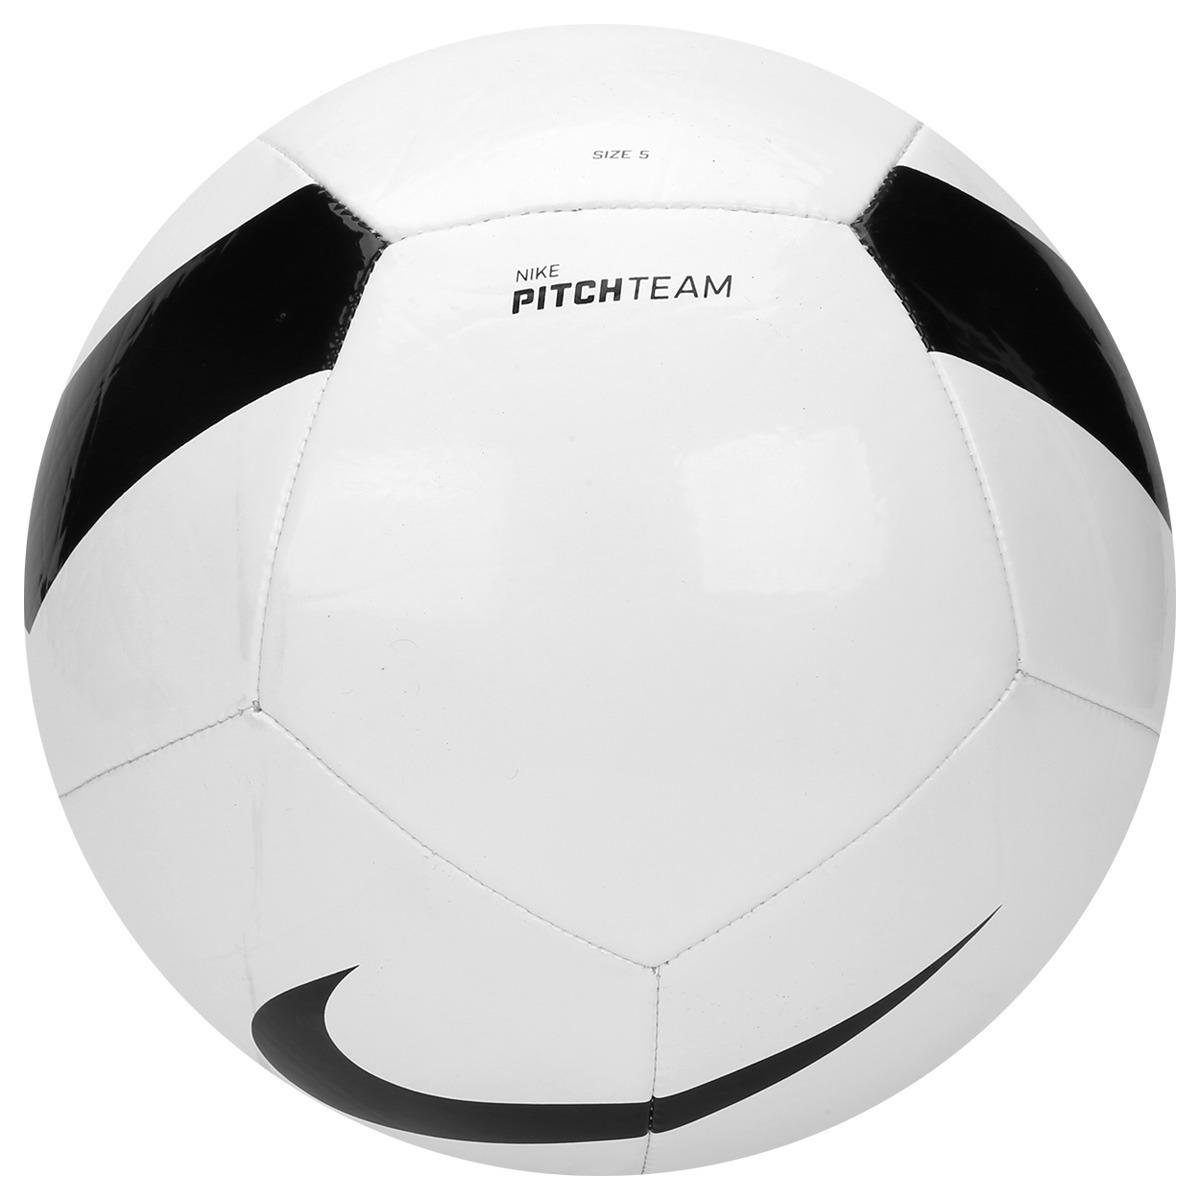 bola nike campo pitch team branca original - netfut. Carregando zoom. 0722b43a8e009